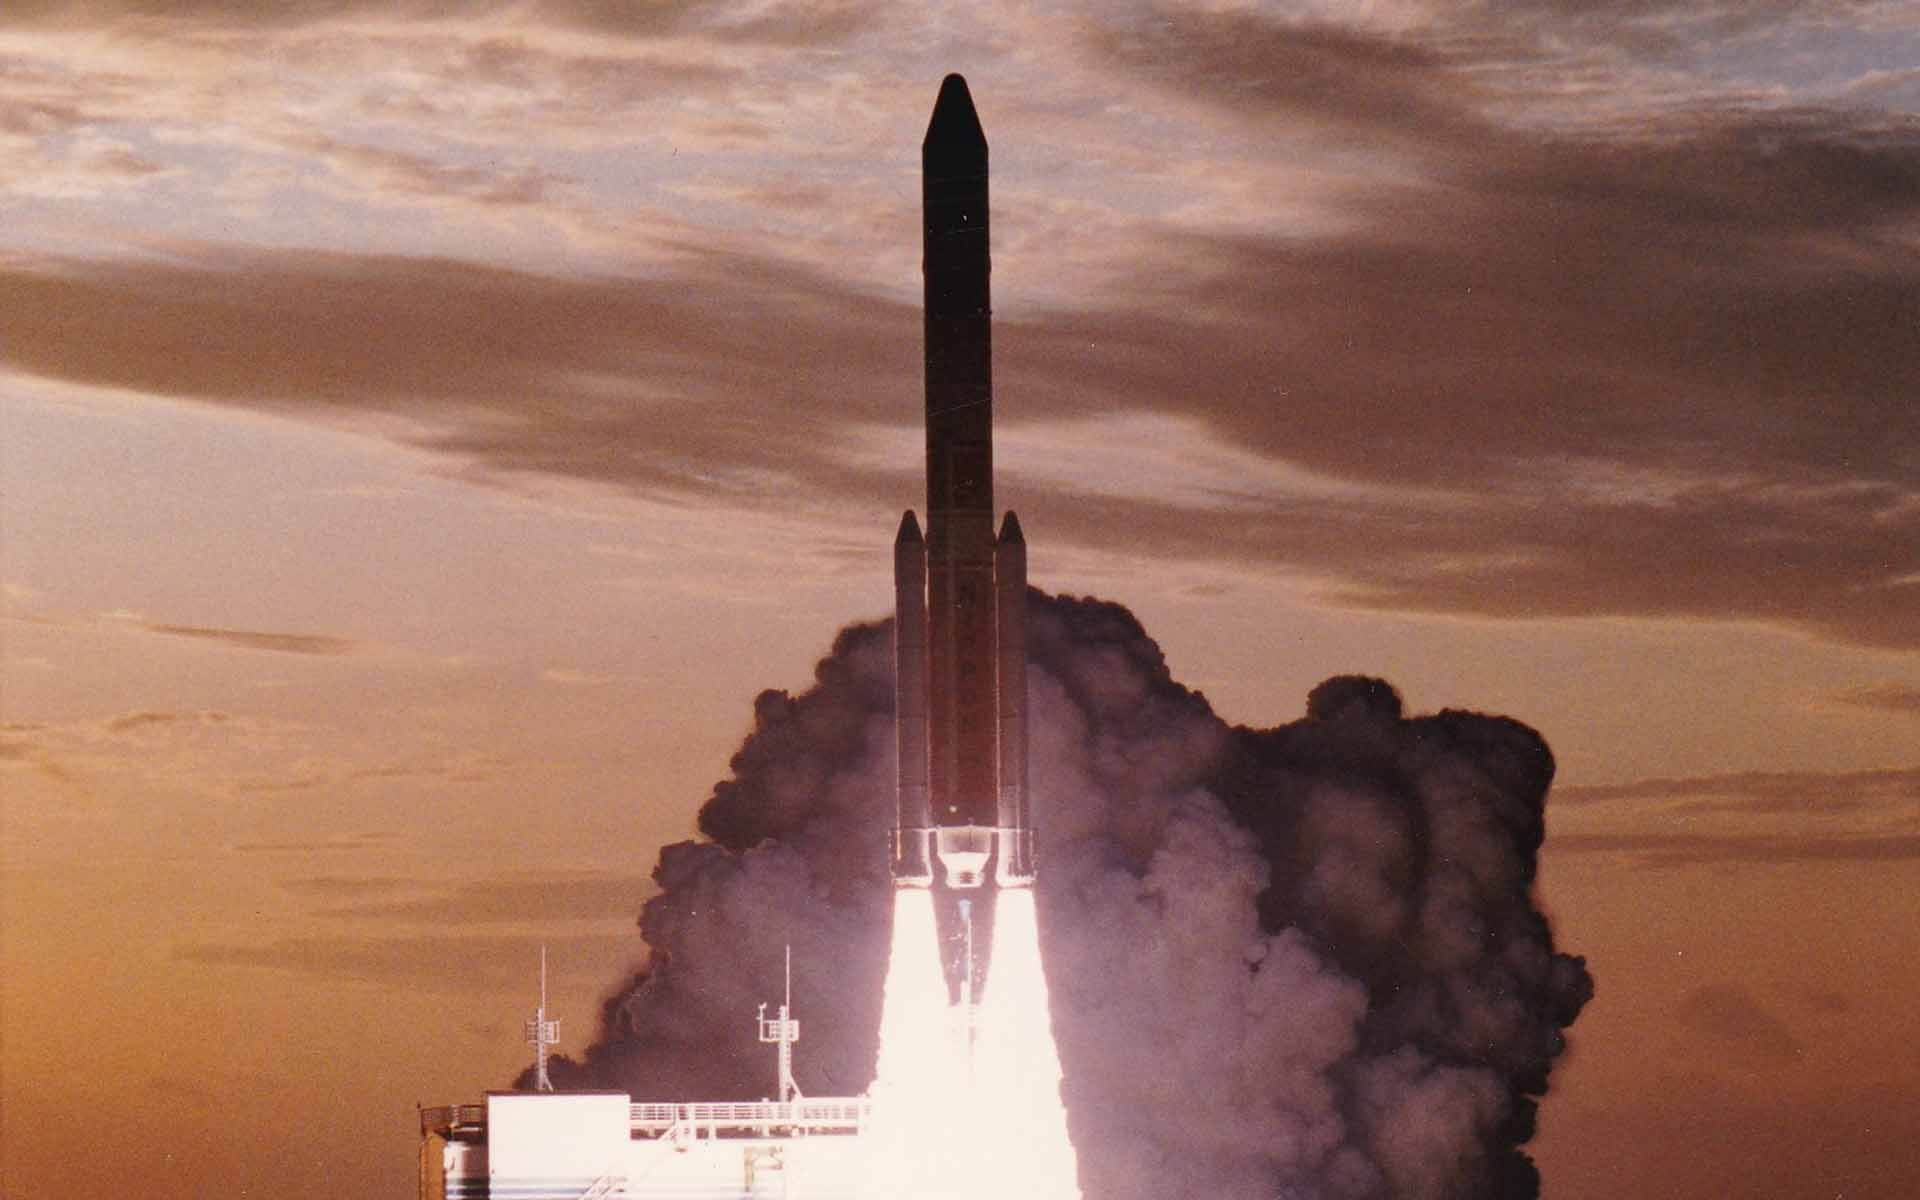 種子島で打ち上げられた宇宙航空研究開発機構 (JAXA) のH2ロケット。 ロケットの両サイドについたロケットブースターの先端部分や、エンジン部品がへら絞りで作られています